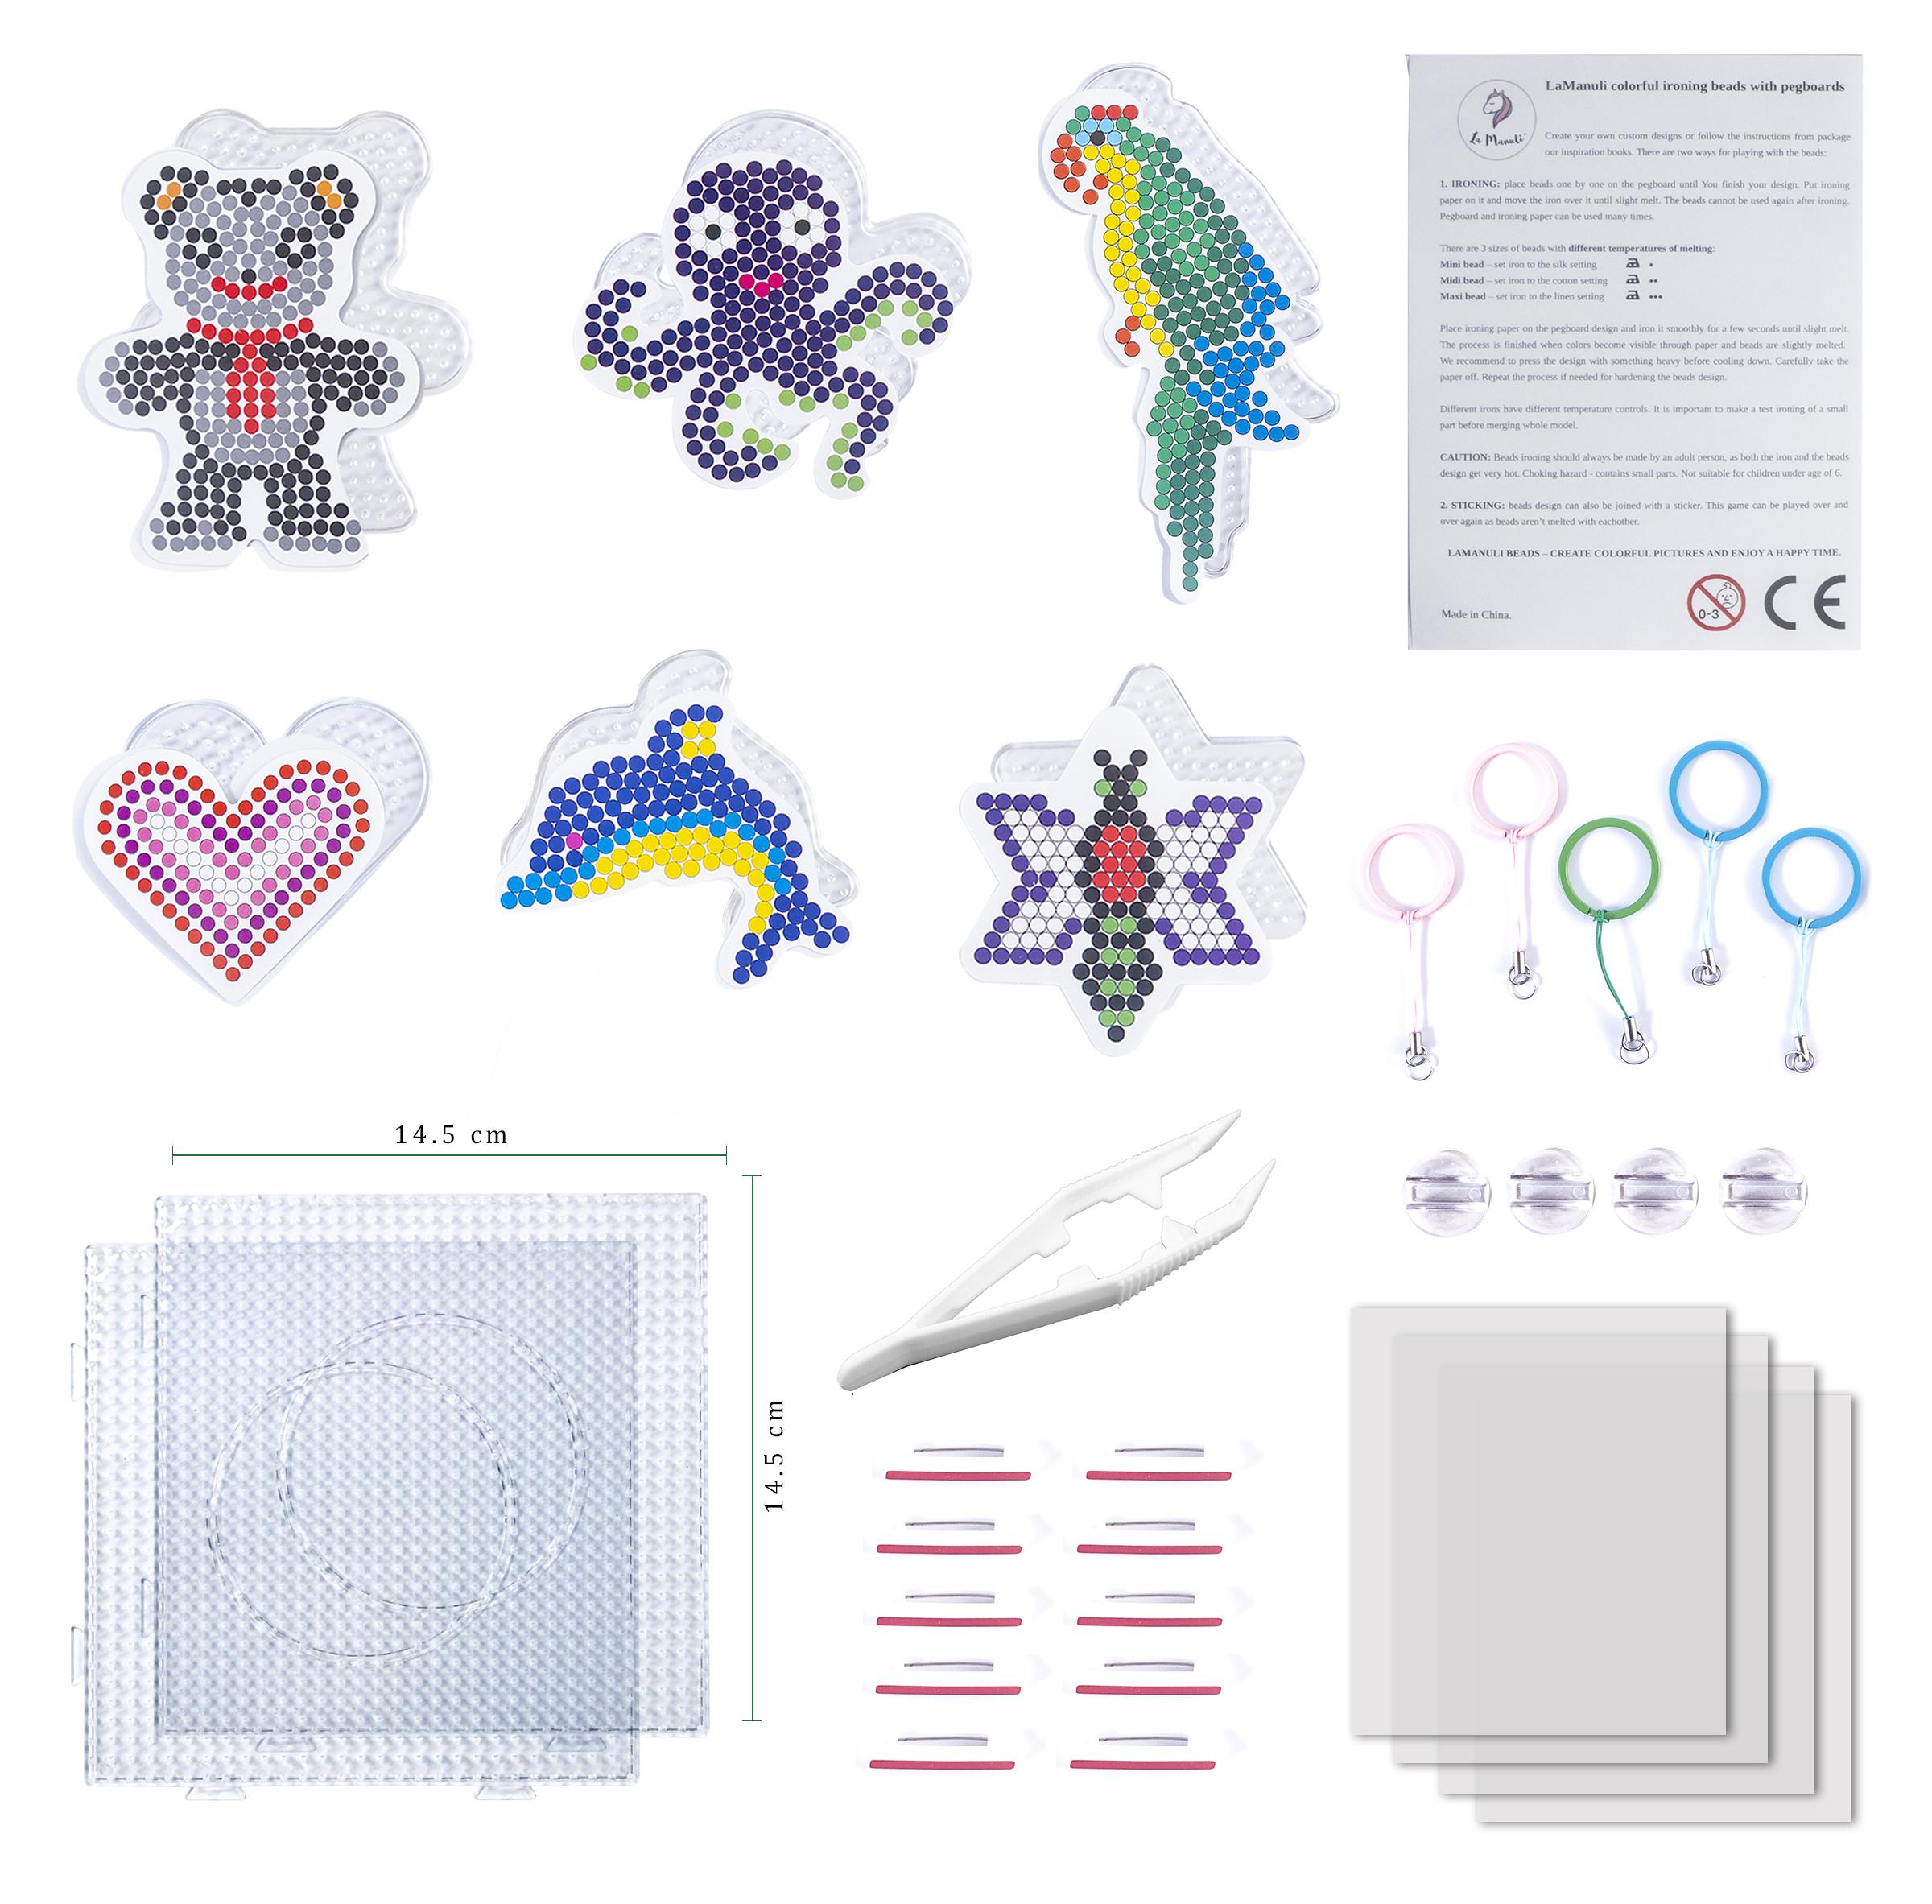 La Manuli 10000 Bügelperlen von Hama Beads kompatibel Glitzer 23 Farben 5mm OVP